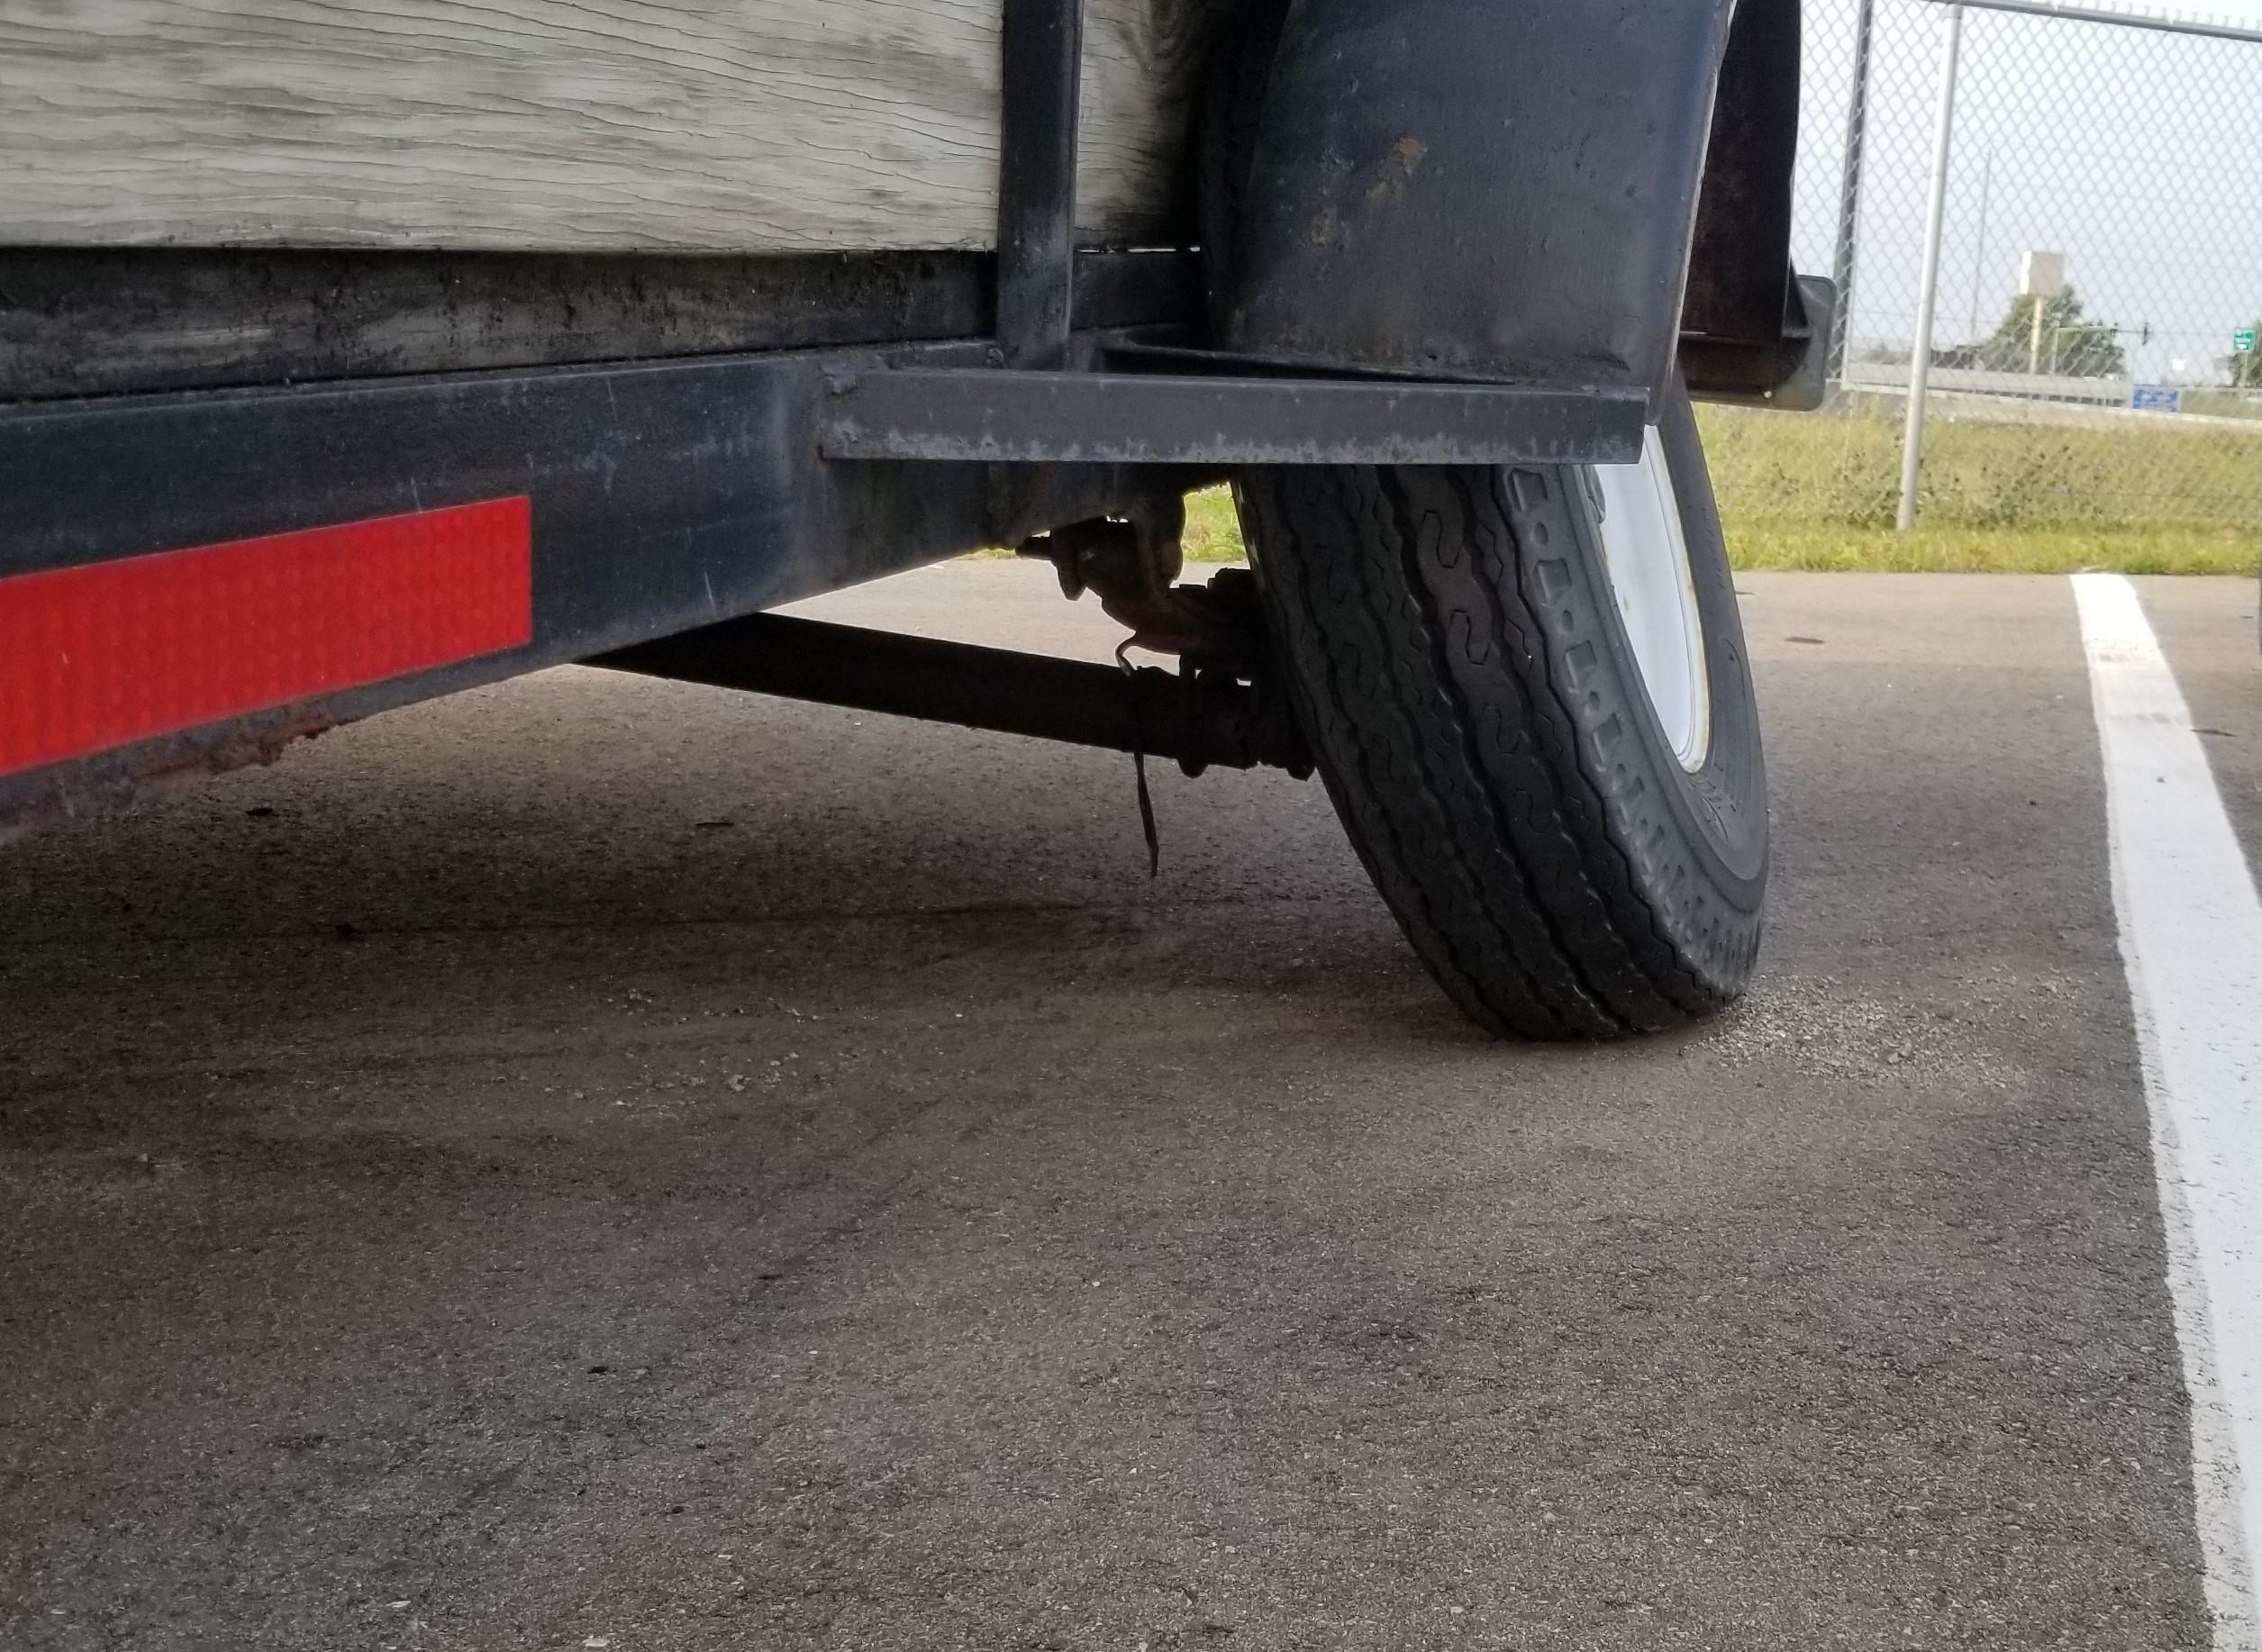 bent trailer axle